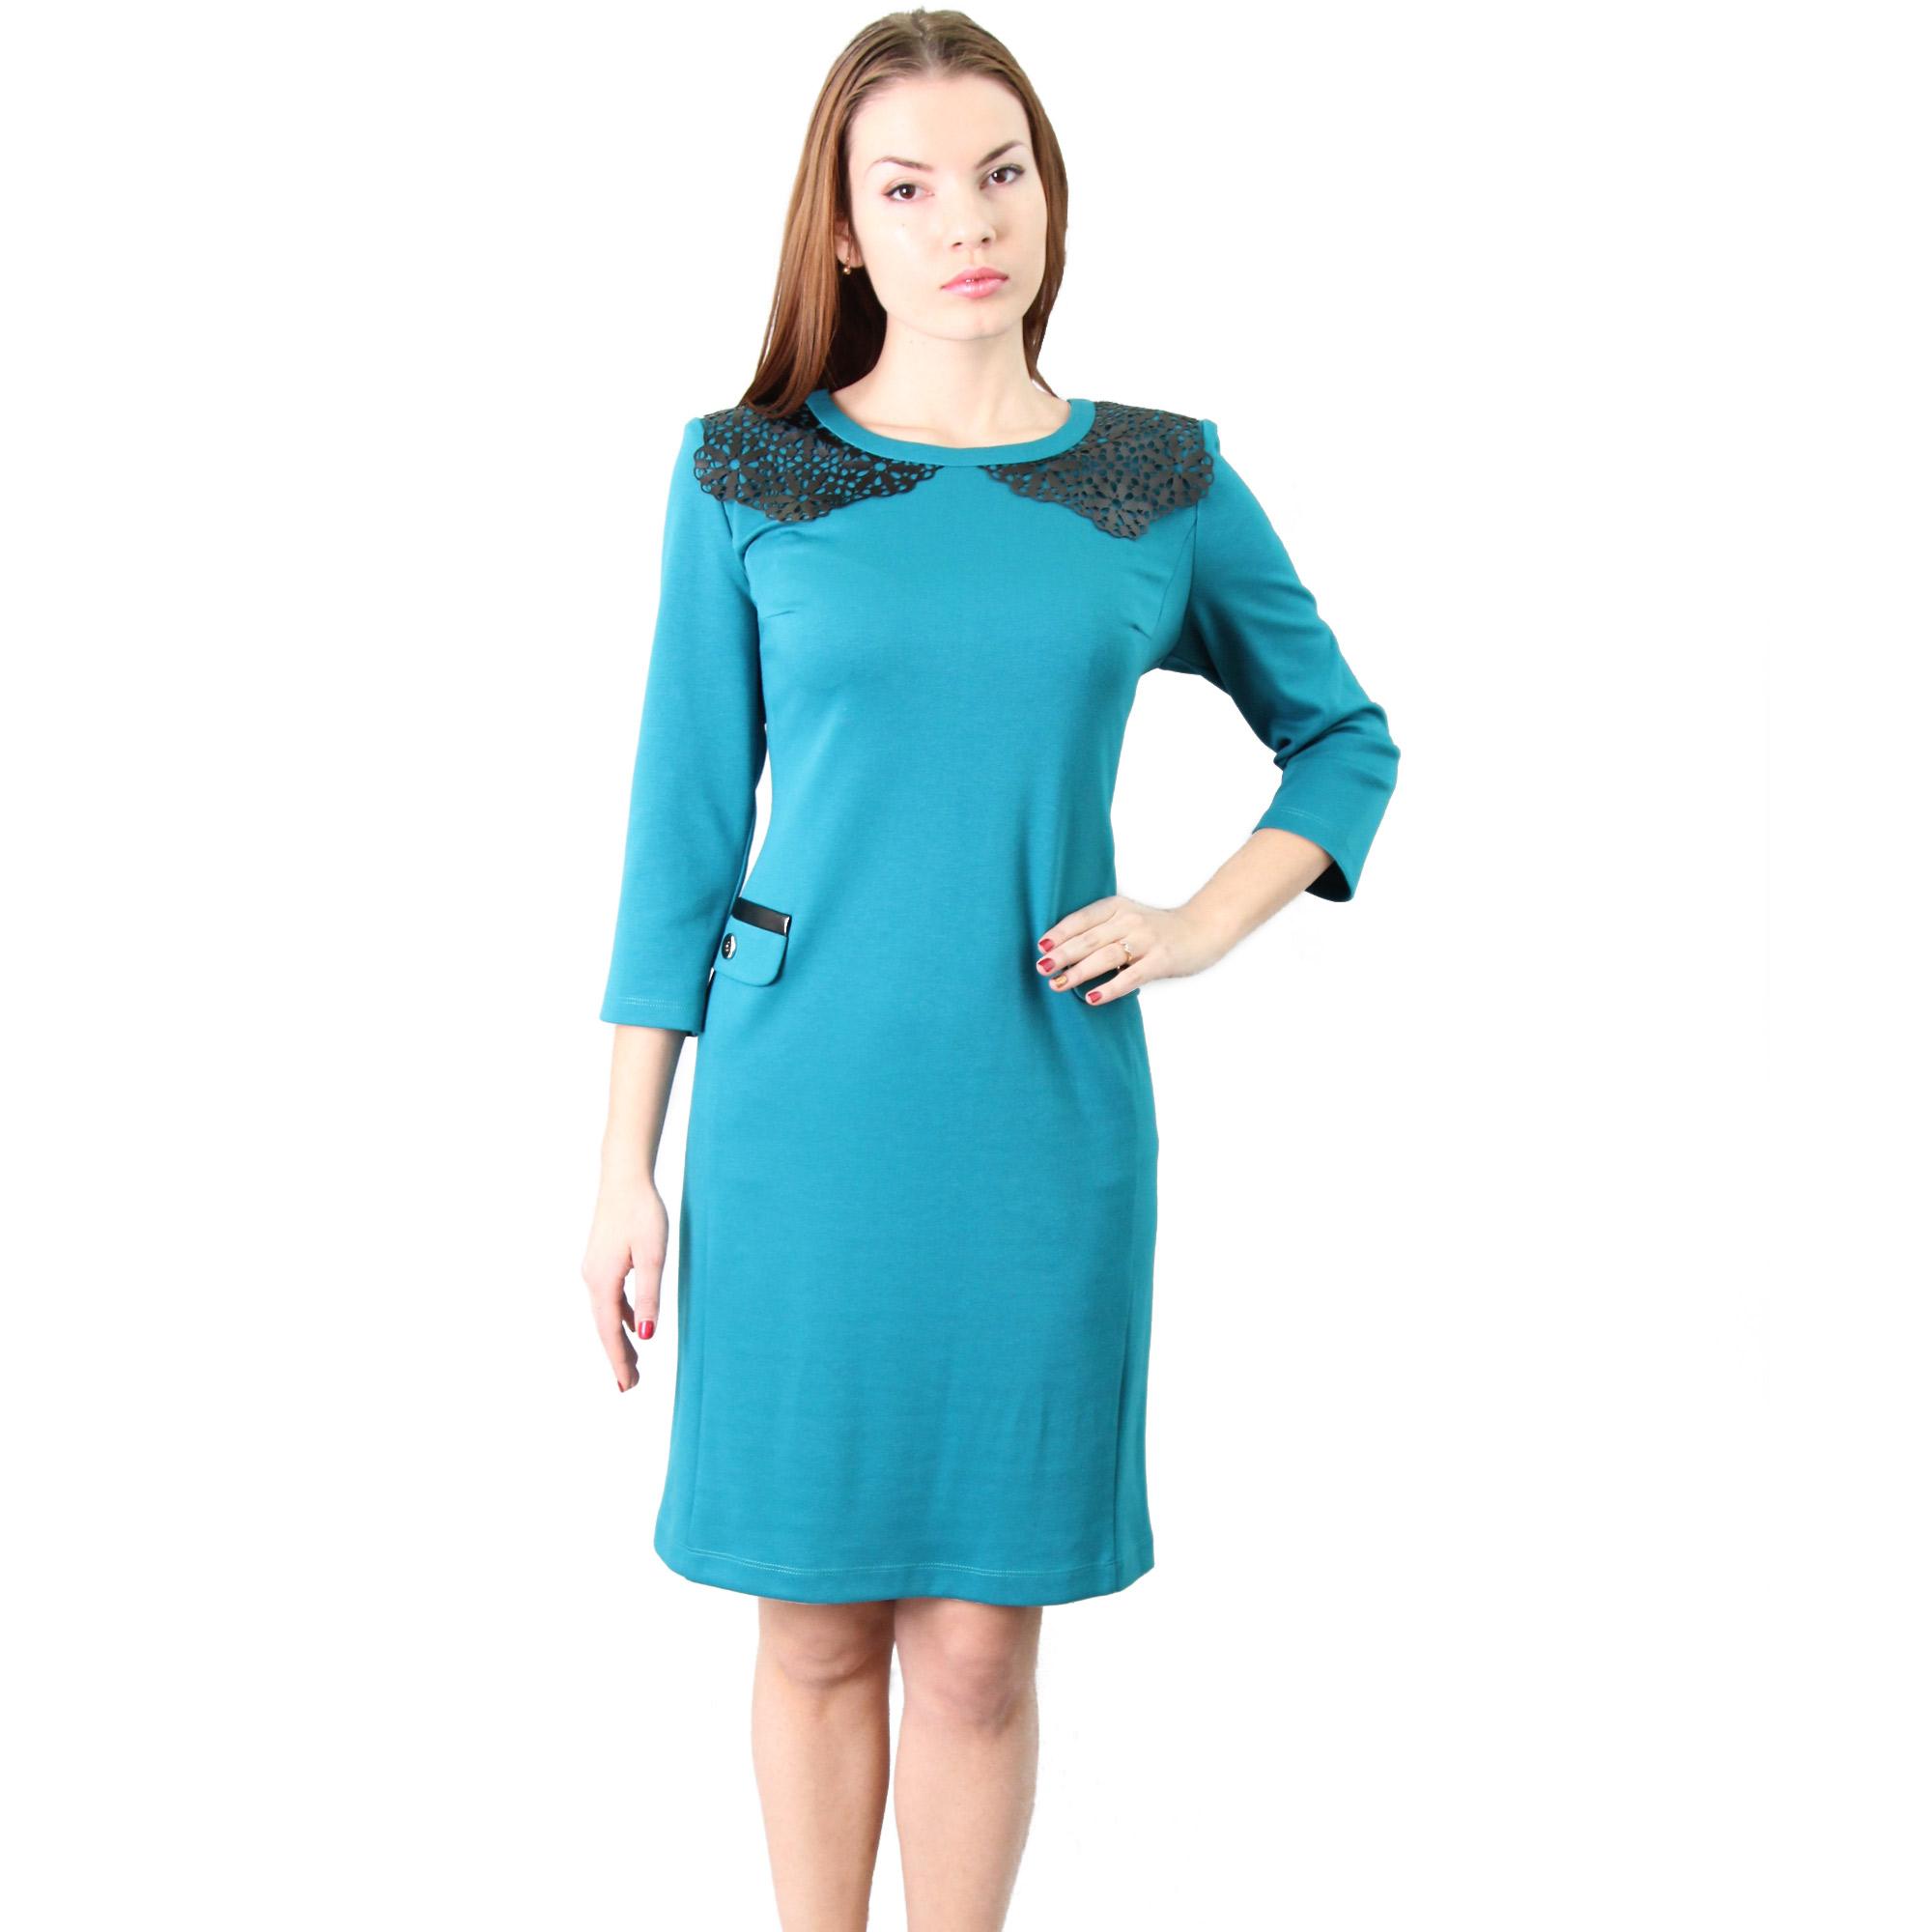 Трикотажное платье с кружевным воротничком из экокожи